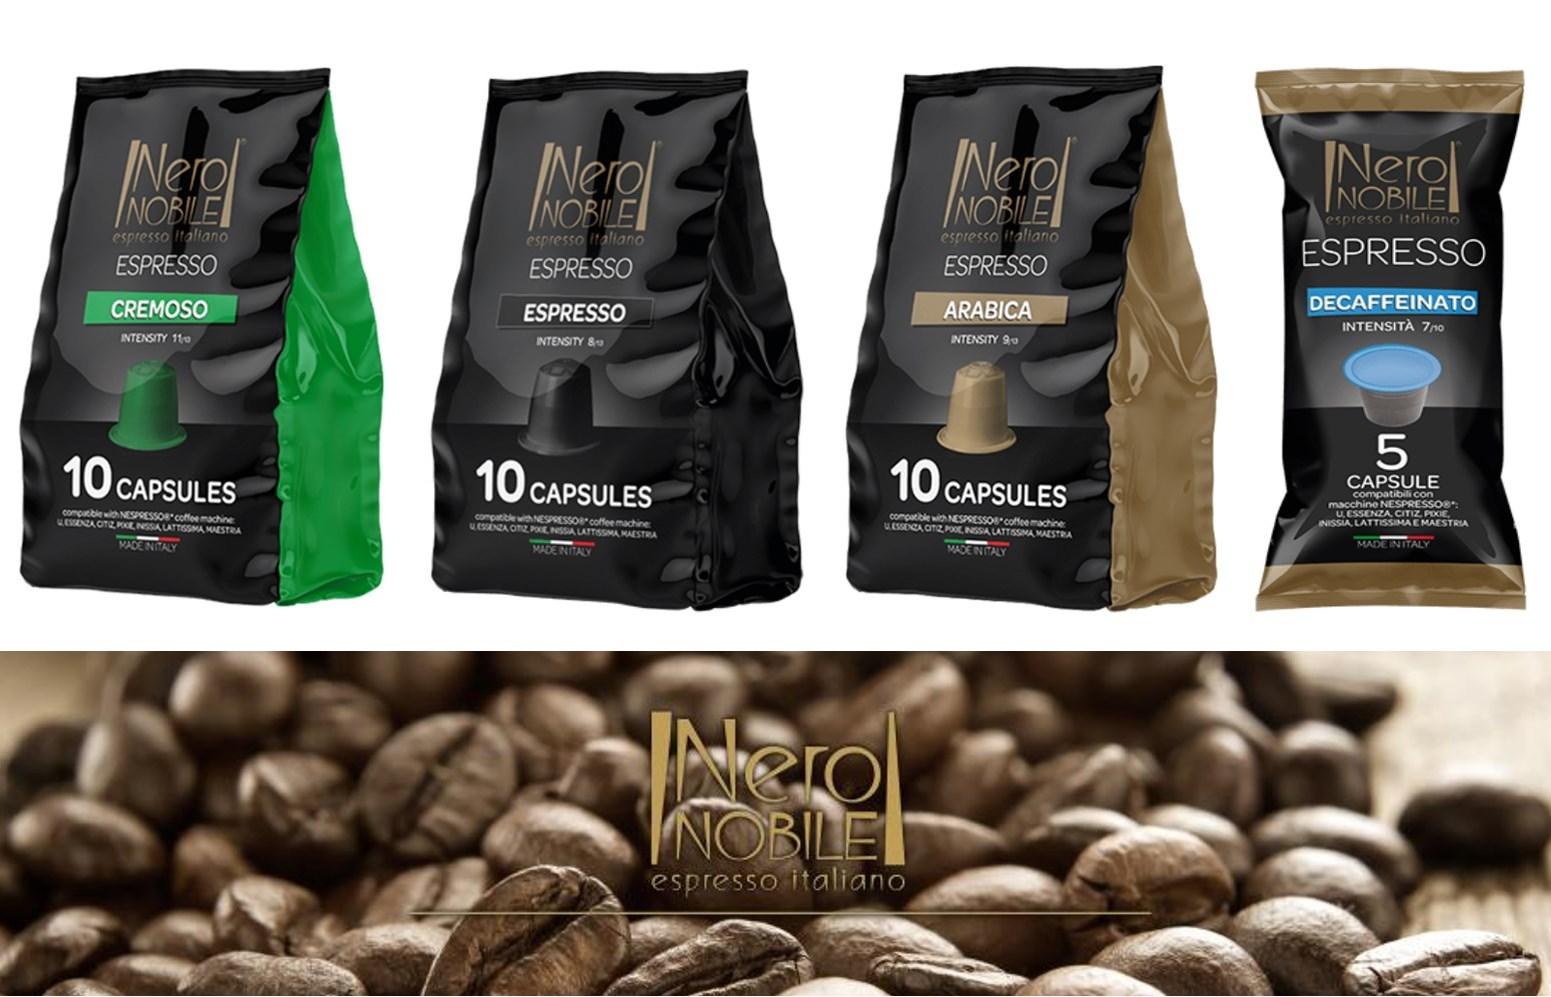 Ιταλικές Κάψουλες ΚΑΦΕ συμβατές με μηχανές NESPRESSO: Η Καλύτερη τιμή της αγοράς (από 0,18€/κάψουλα)! Απολαύστε αρωματικό Ristretto ή Espresso ή Lungo, από τη NeroNobile, την ηγέτιδα εταιρία στην Ιταλική βιομηχανία καφέ!